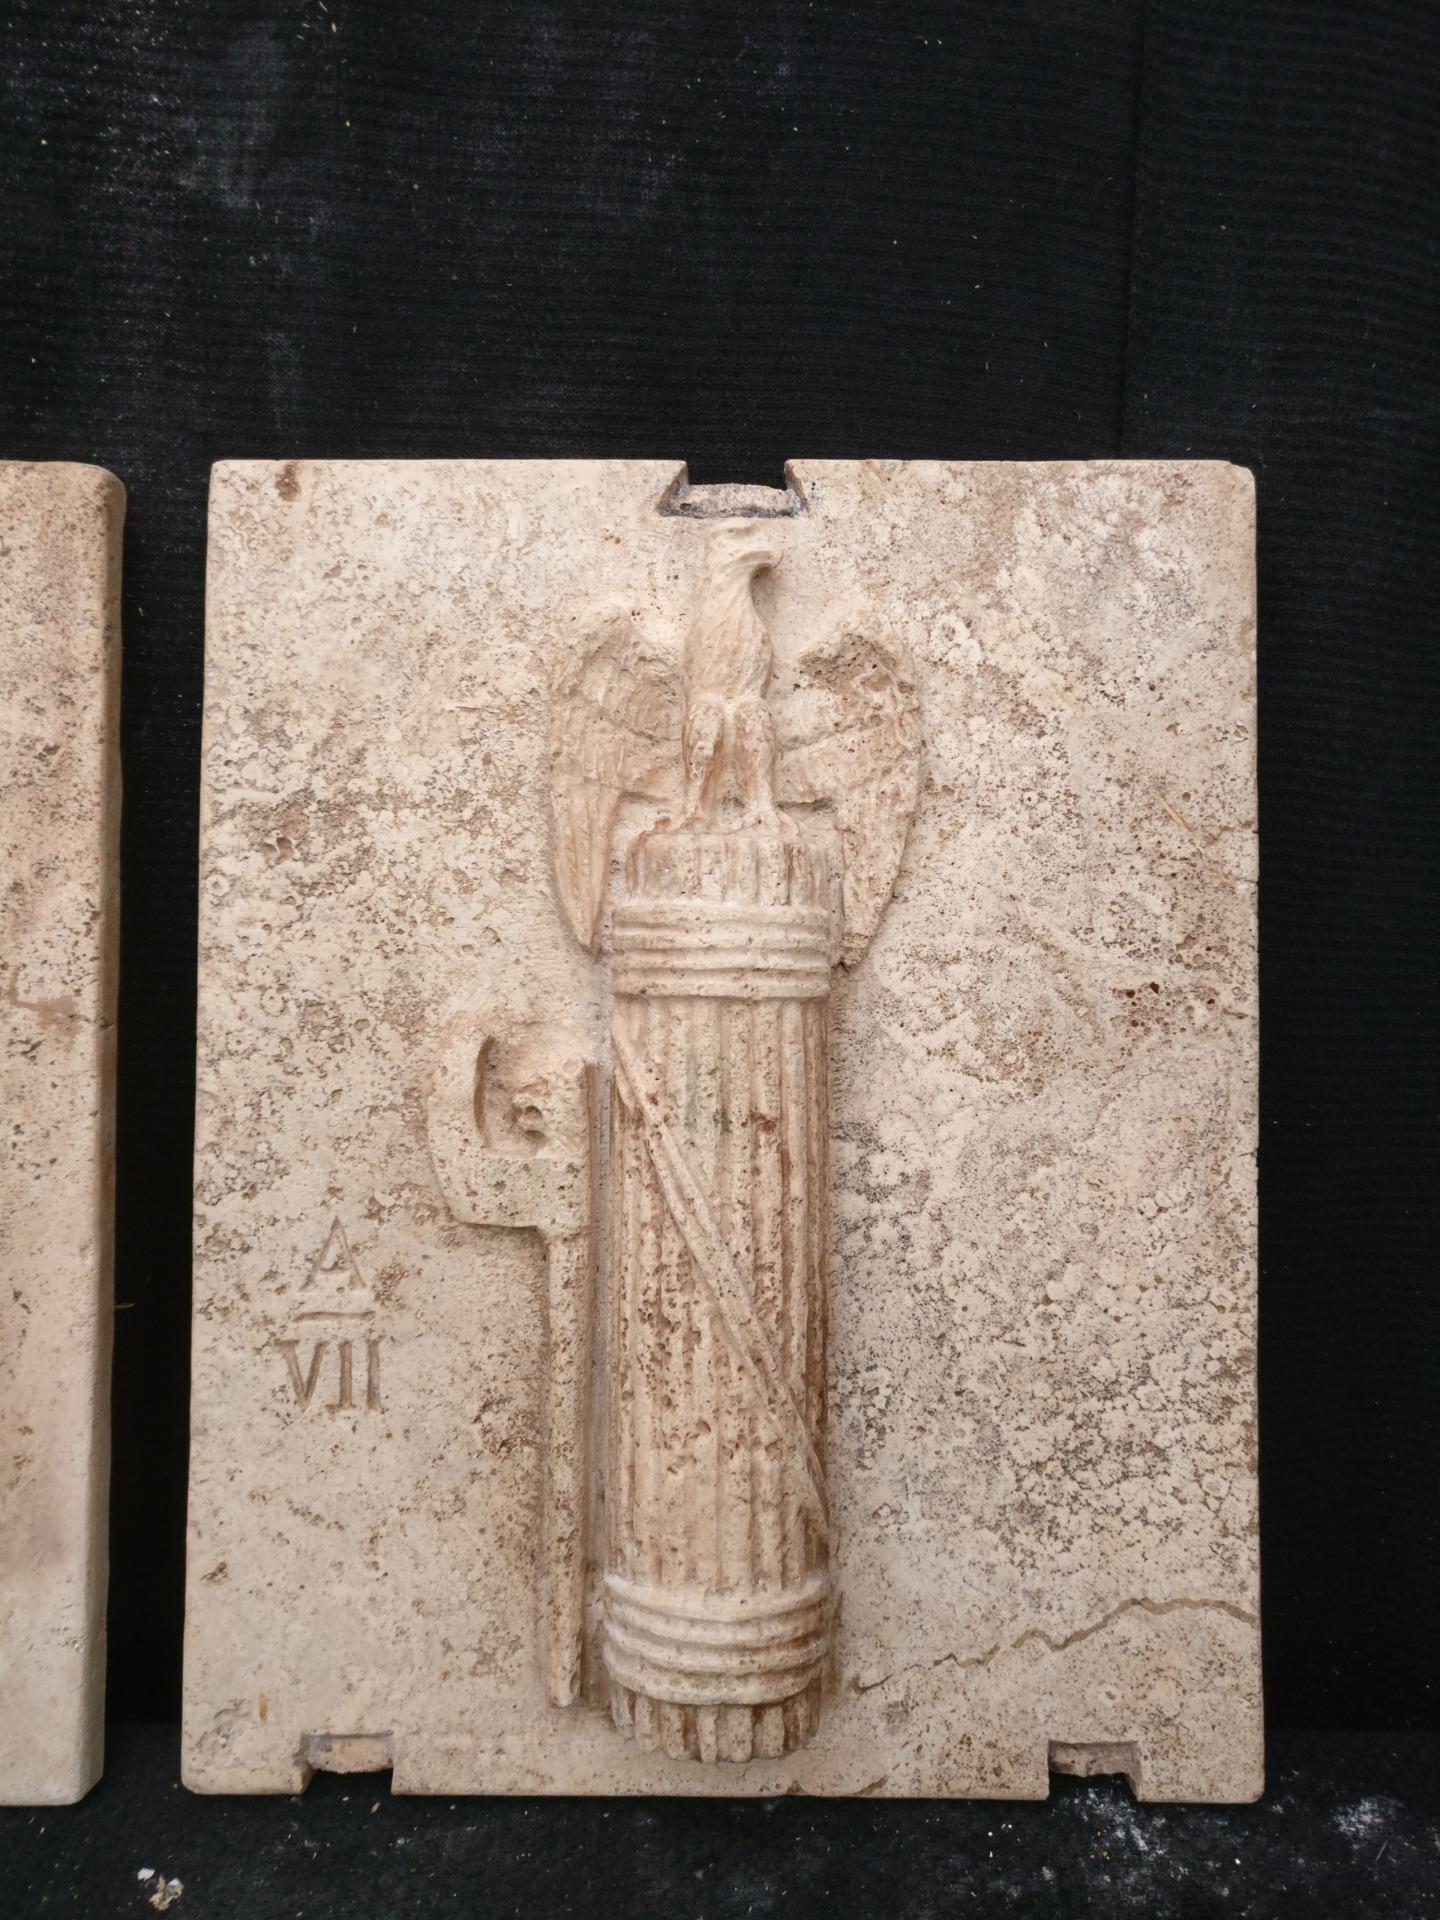 thumb3 Magnifica Coppia di Fasci Littori in Travertino - Stemmi da muro - 32 x 40 cm - Roma - 1927/28